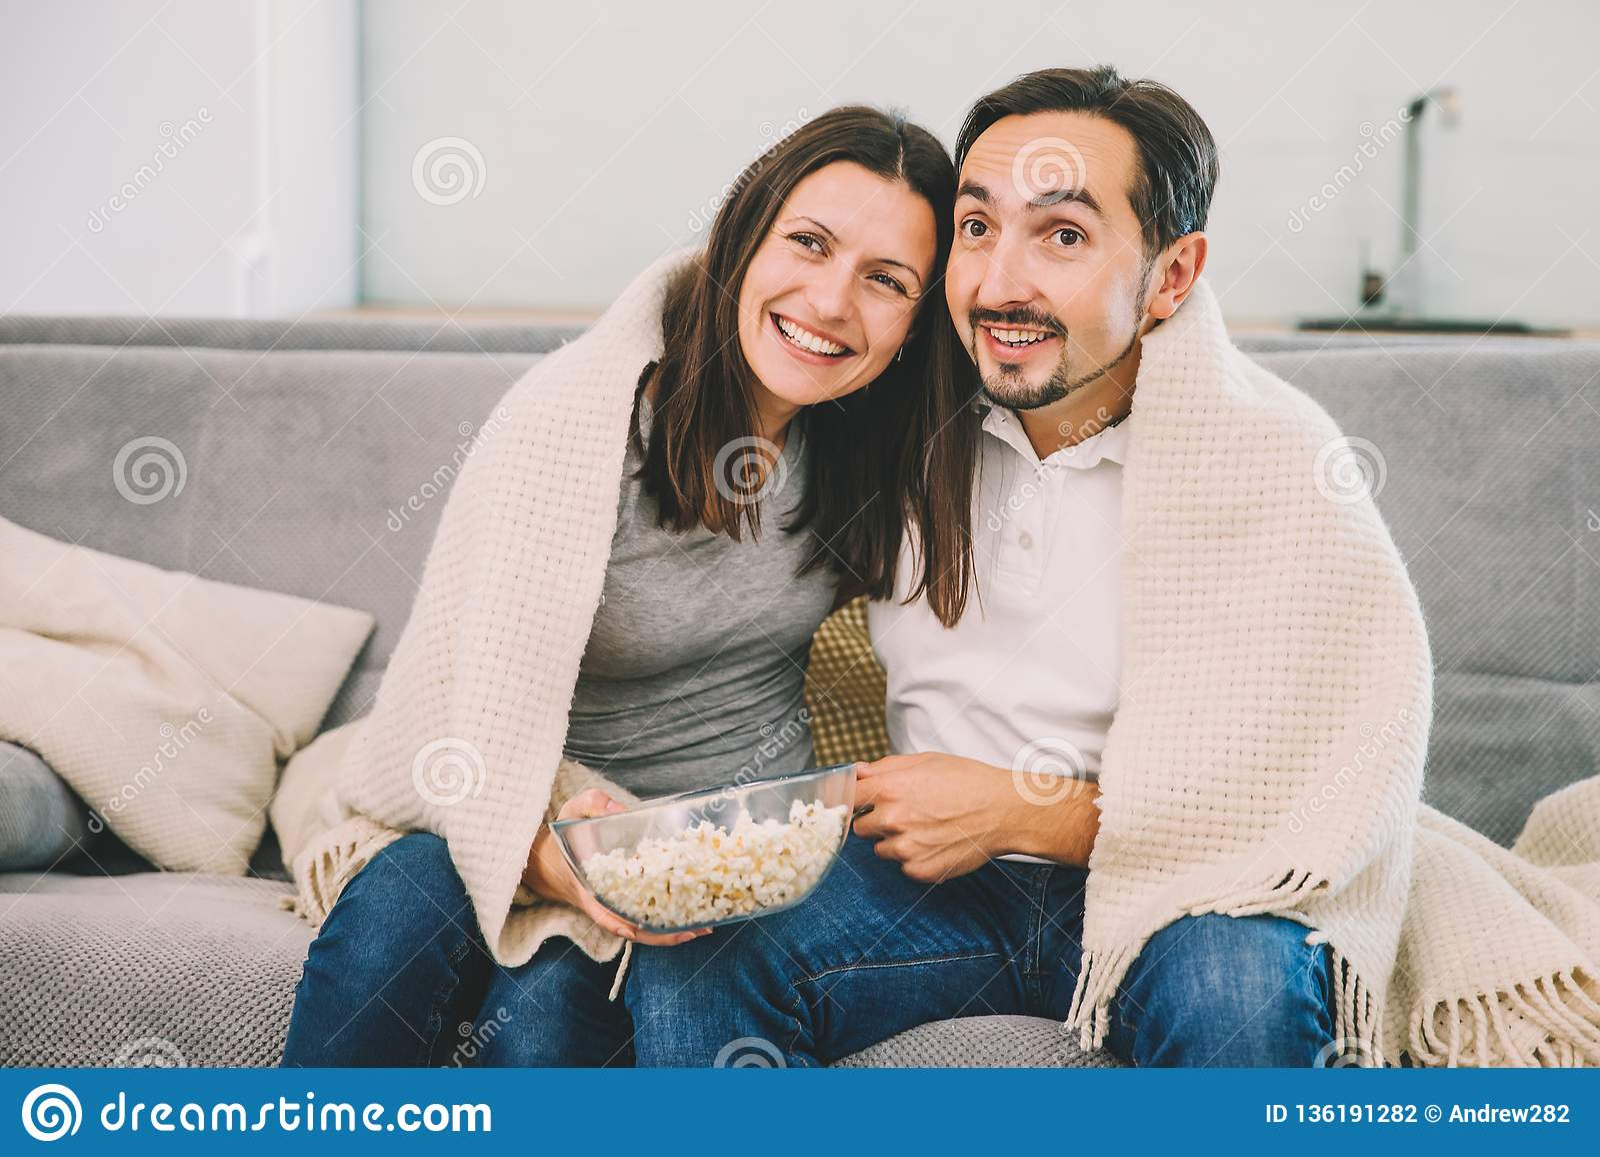 обычные муж и жена видео кого влюбляться